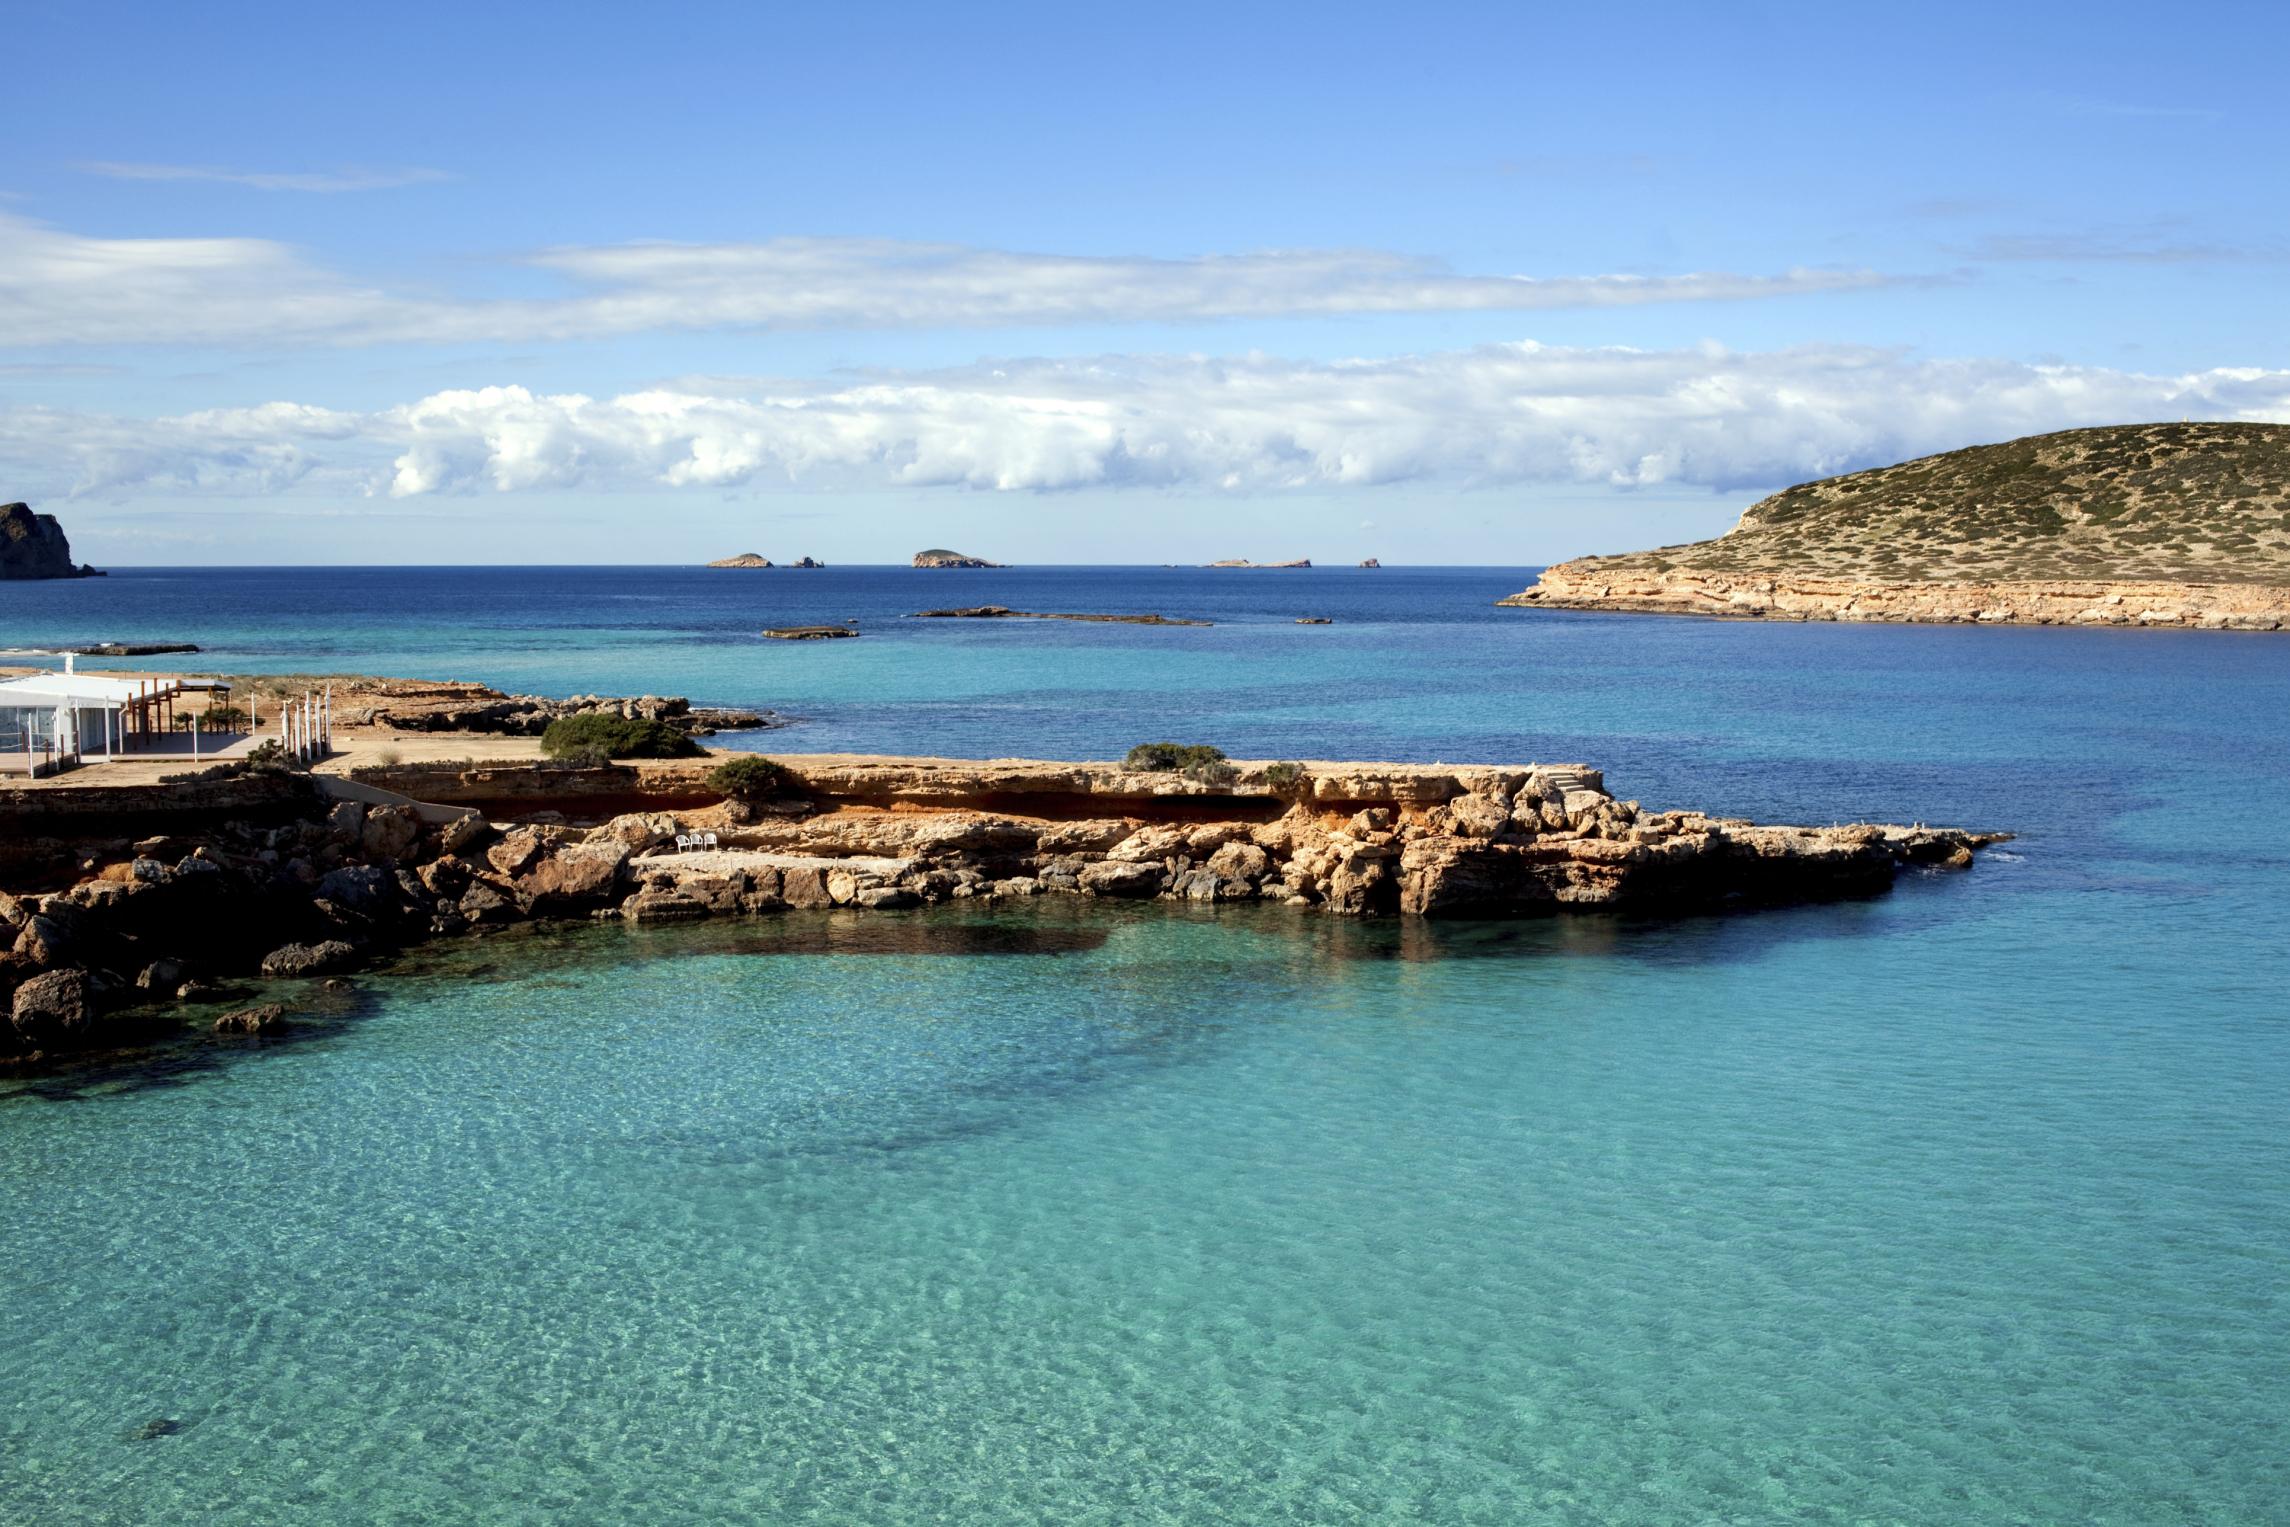 Balearic Islands, Ibiza